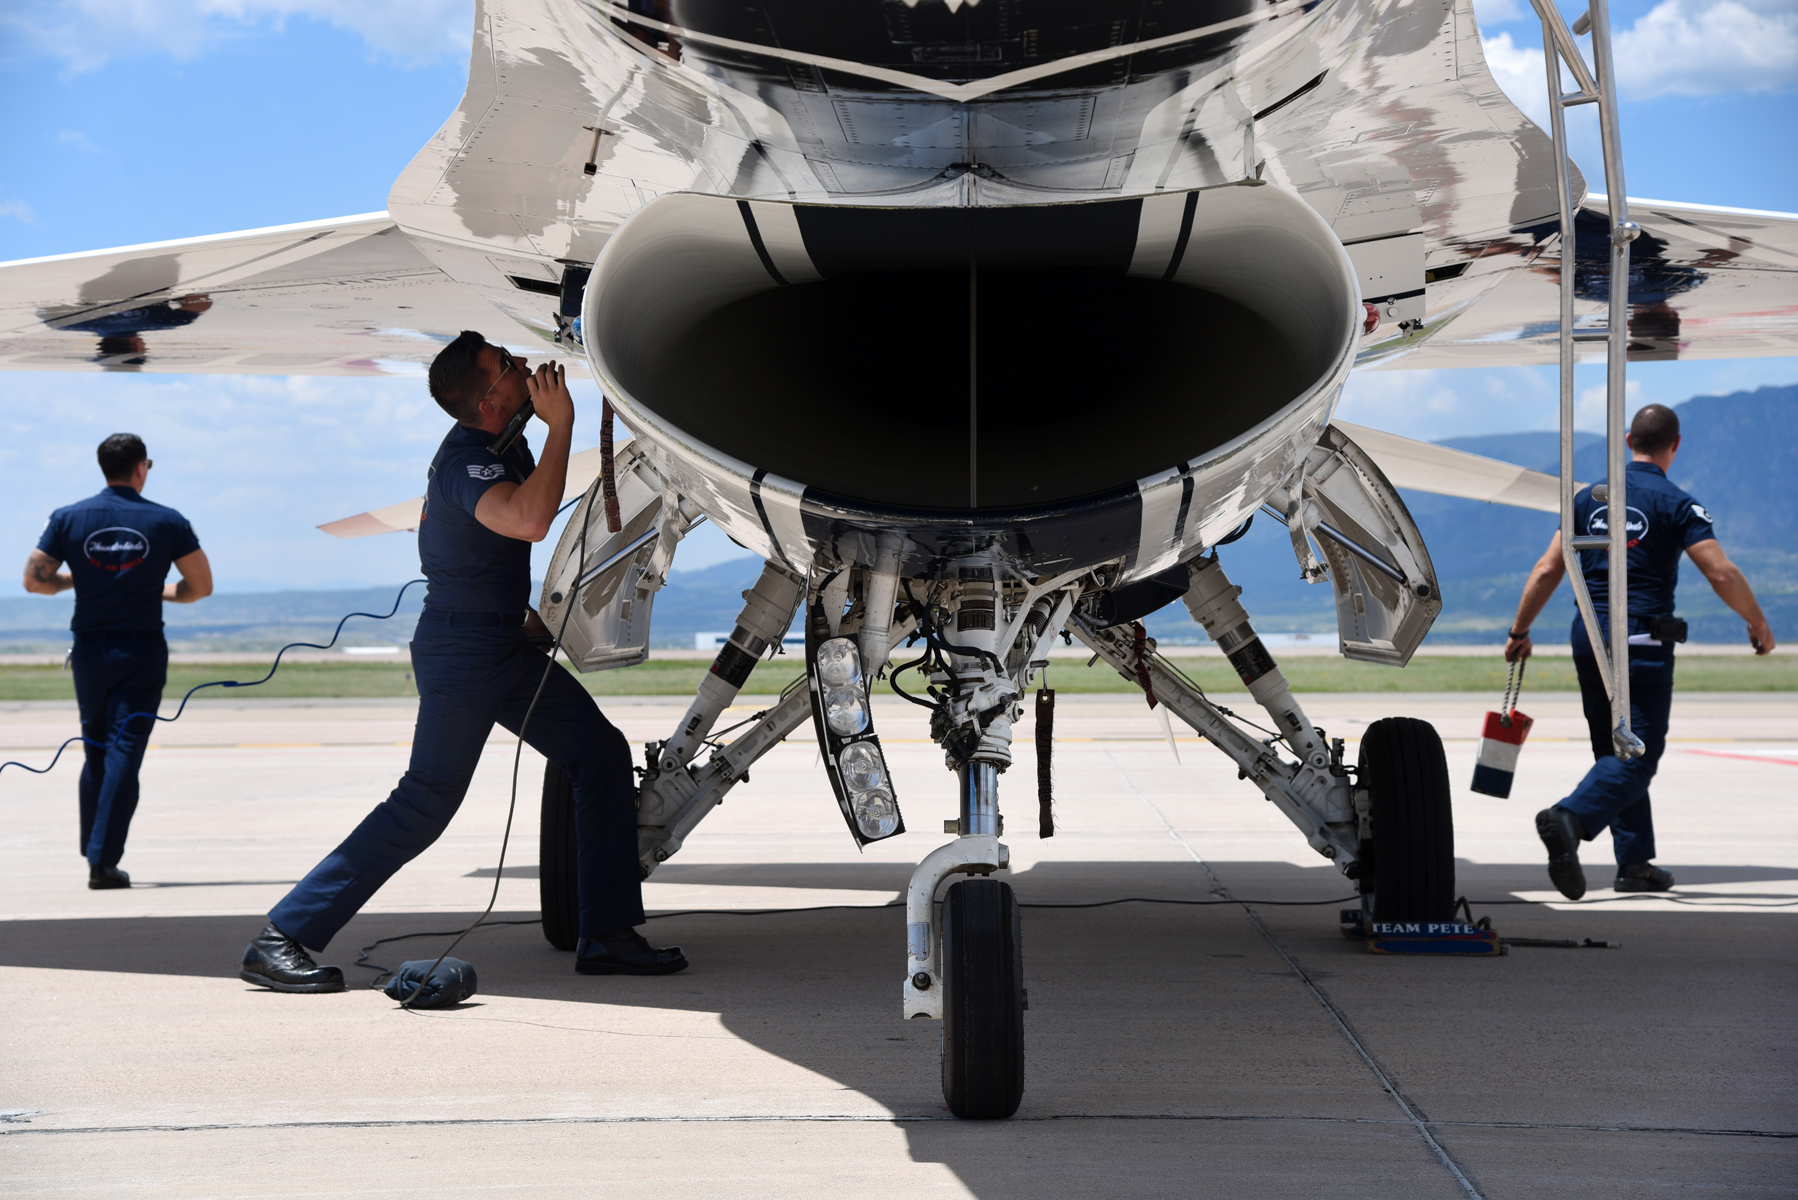 821st Aero Repair Squadron